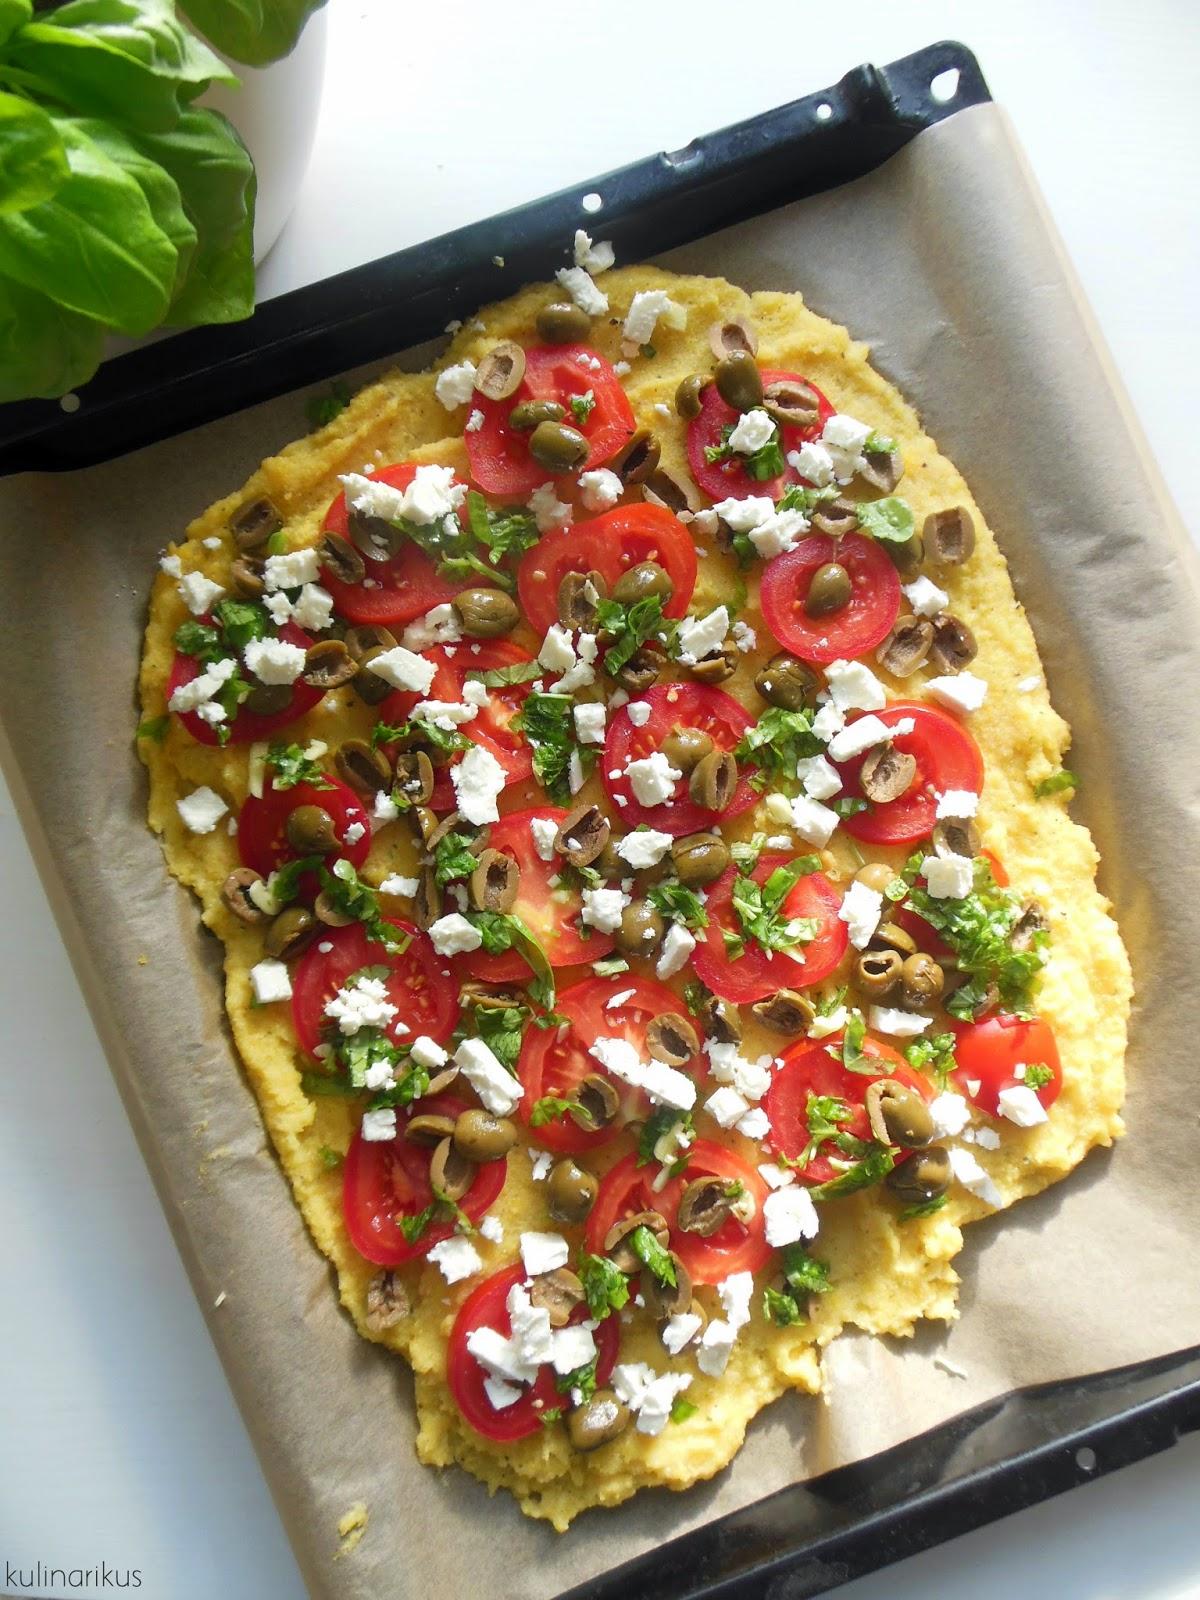 kulinarikus f r kleine sommeraugenblicke berbackene polenta mit tomaten und feta. Black Bedroom Furniture Sets. Home Design Ideas